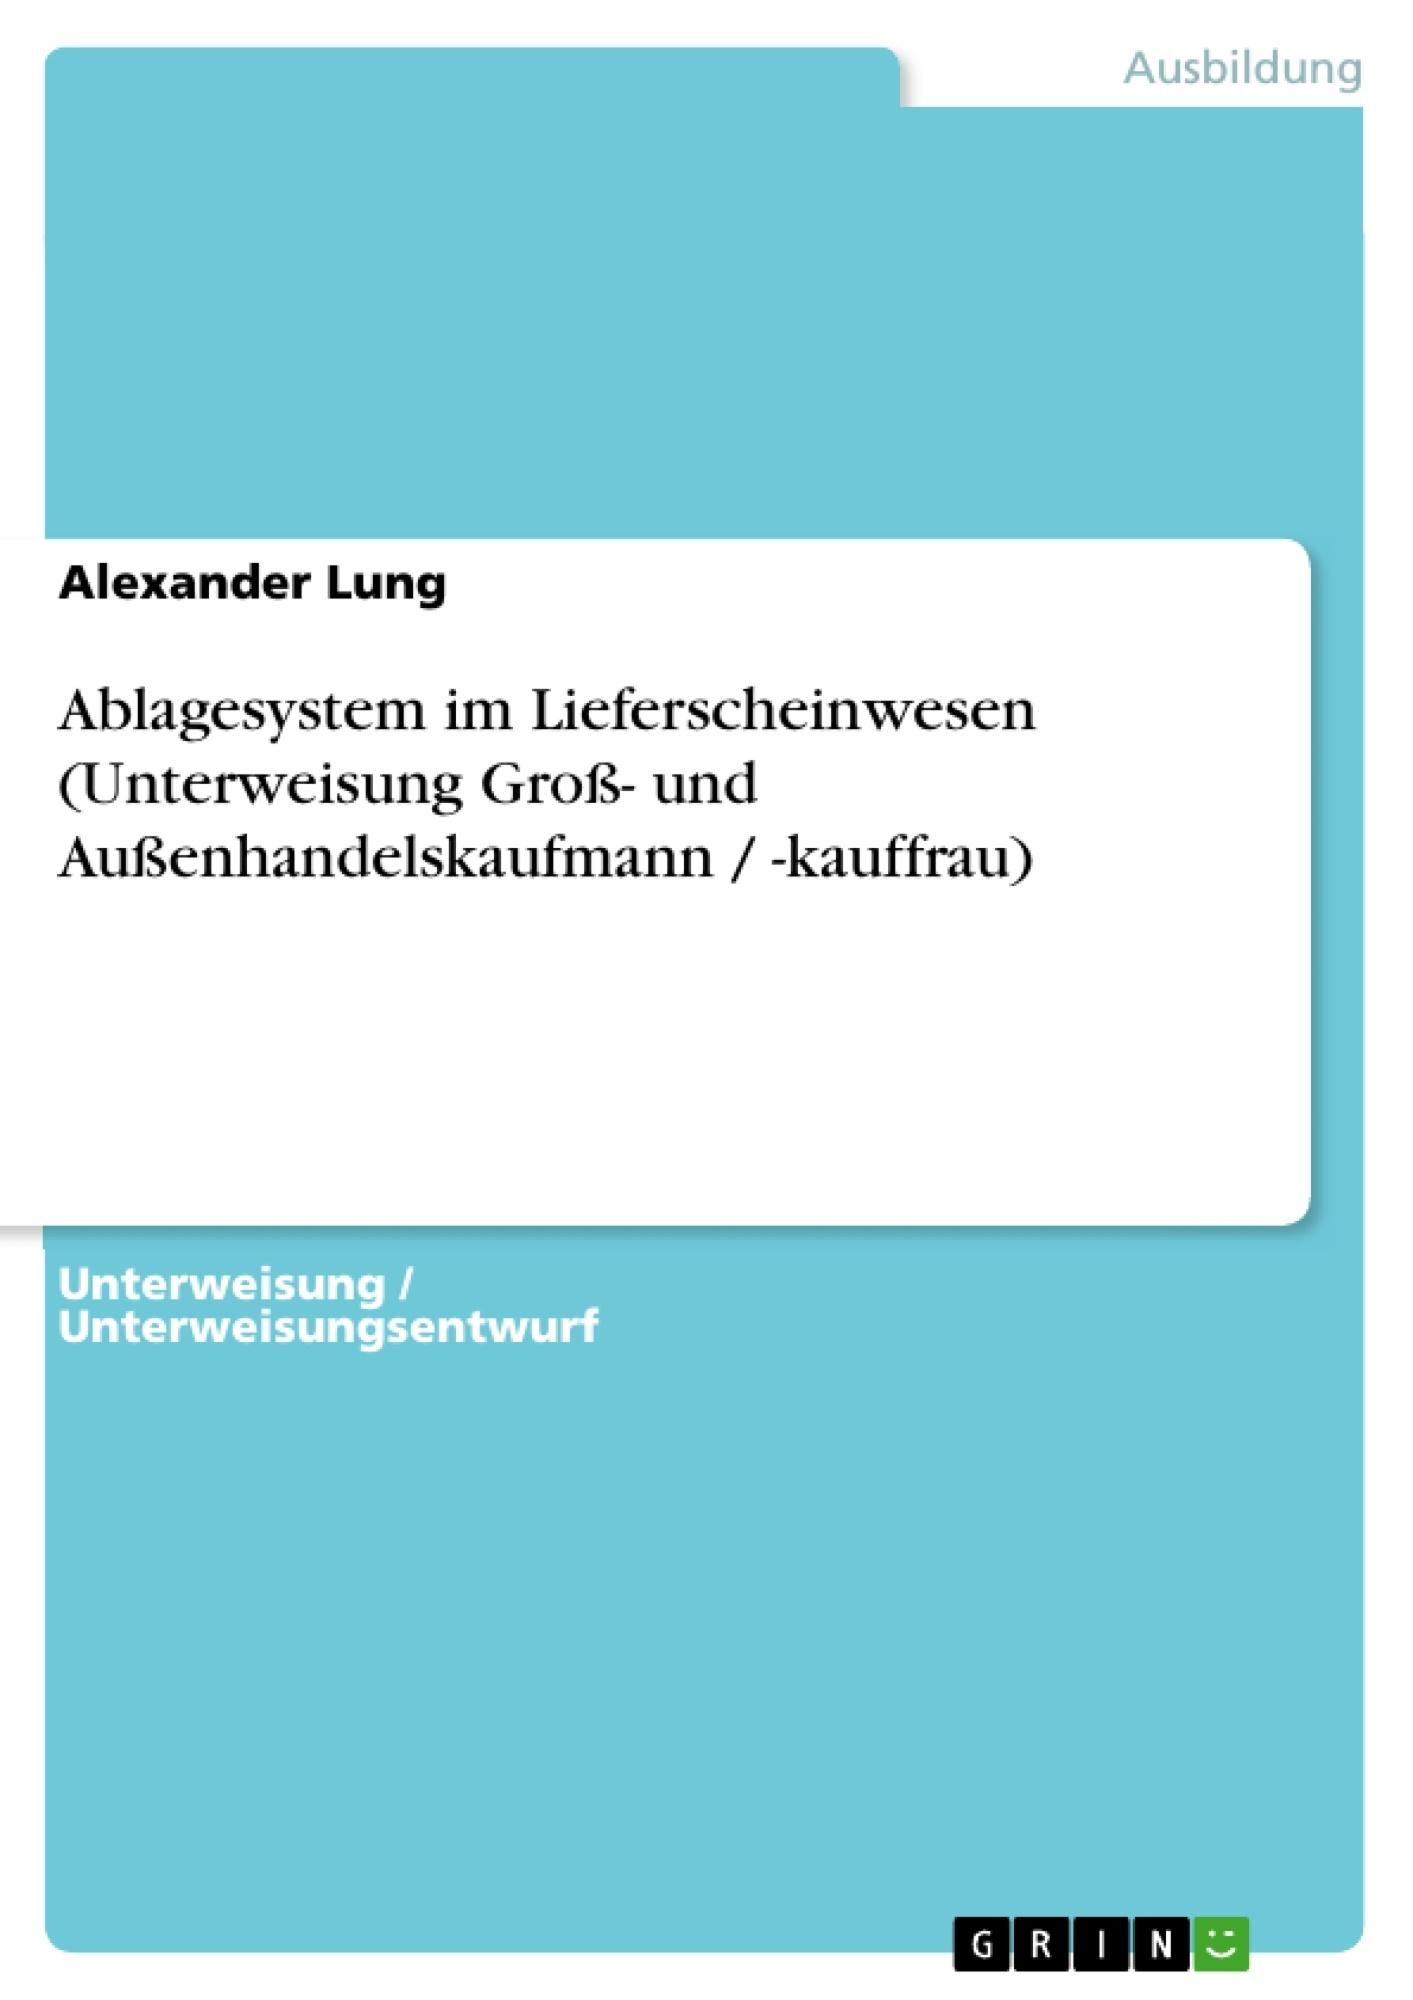 Titel: Ablagesystem im Lieferscheinwesen (Unterweisung Groß- und Außenhandelskaufmann / -kauffrau)